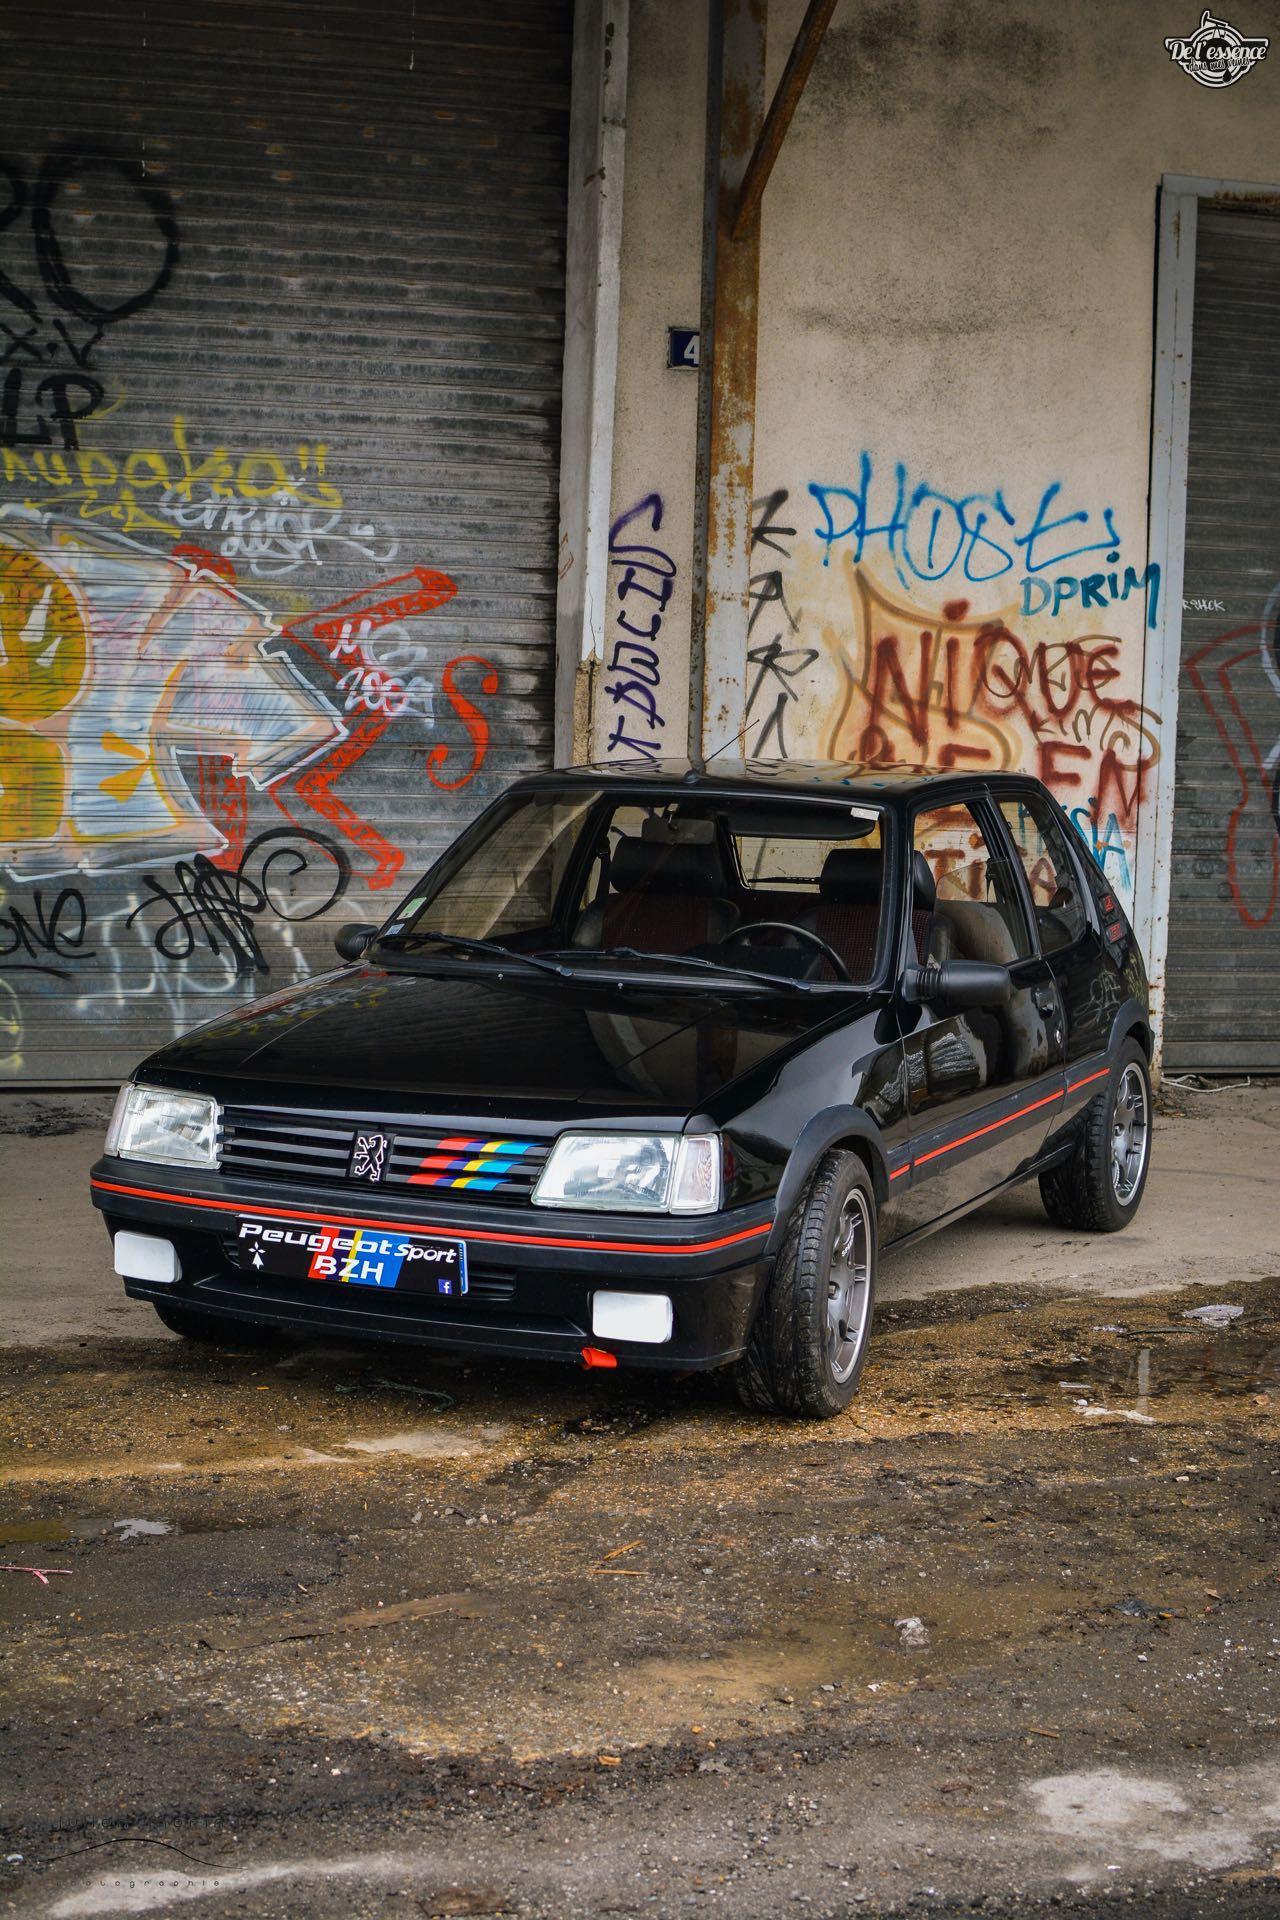 Peugeot 205 Gti de Florent... Le bonheur ? C'est pas compliqué ! 7